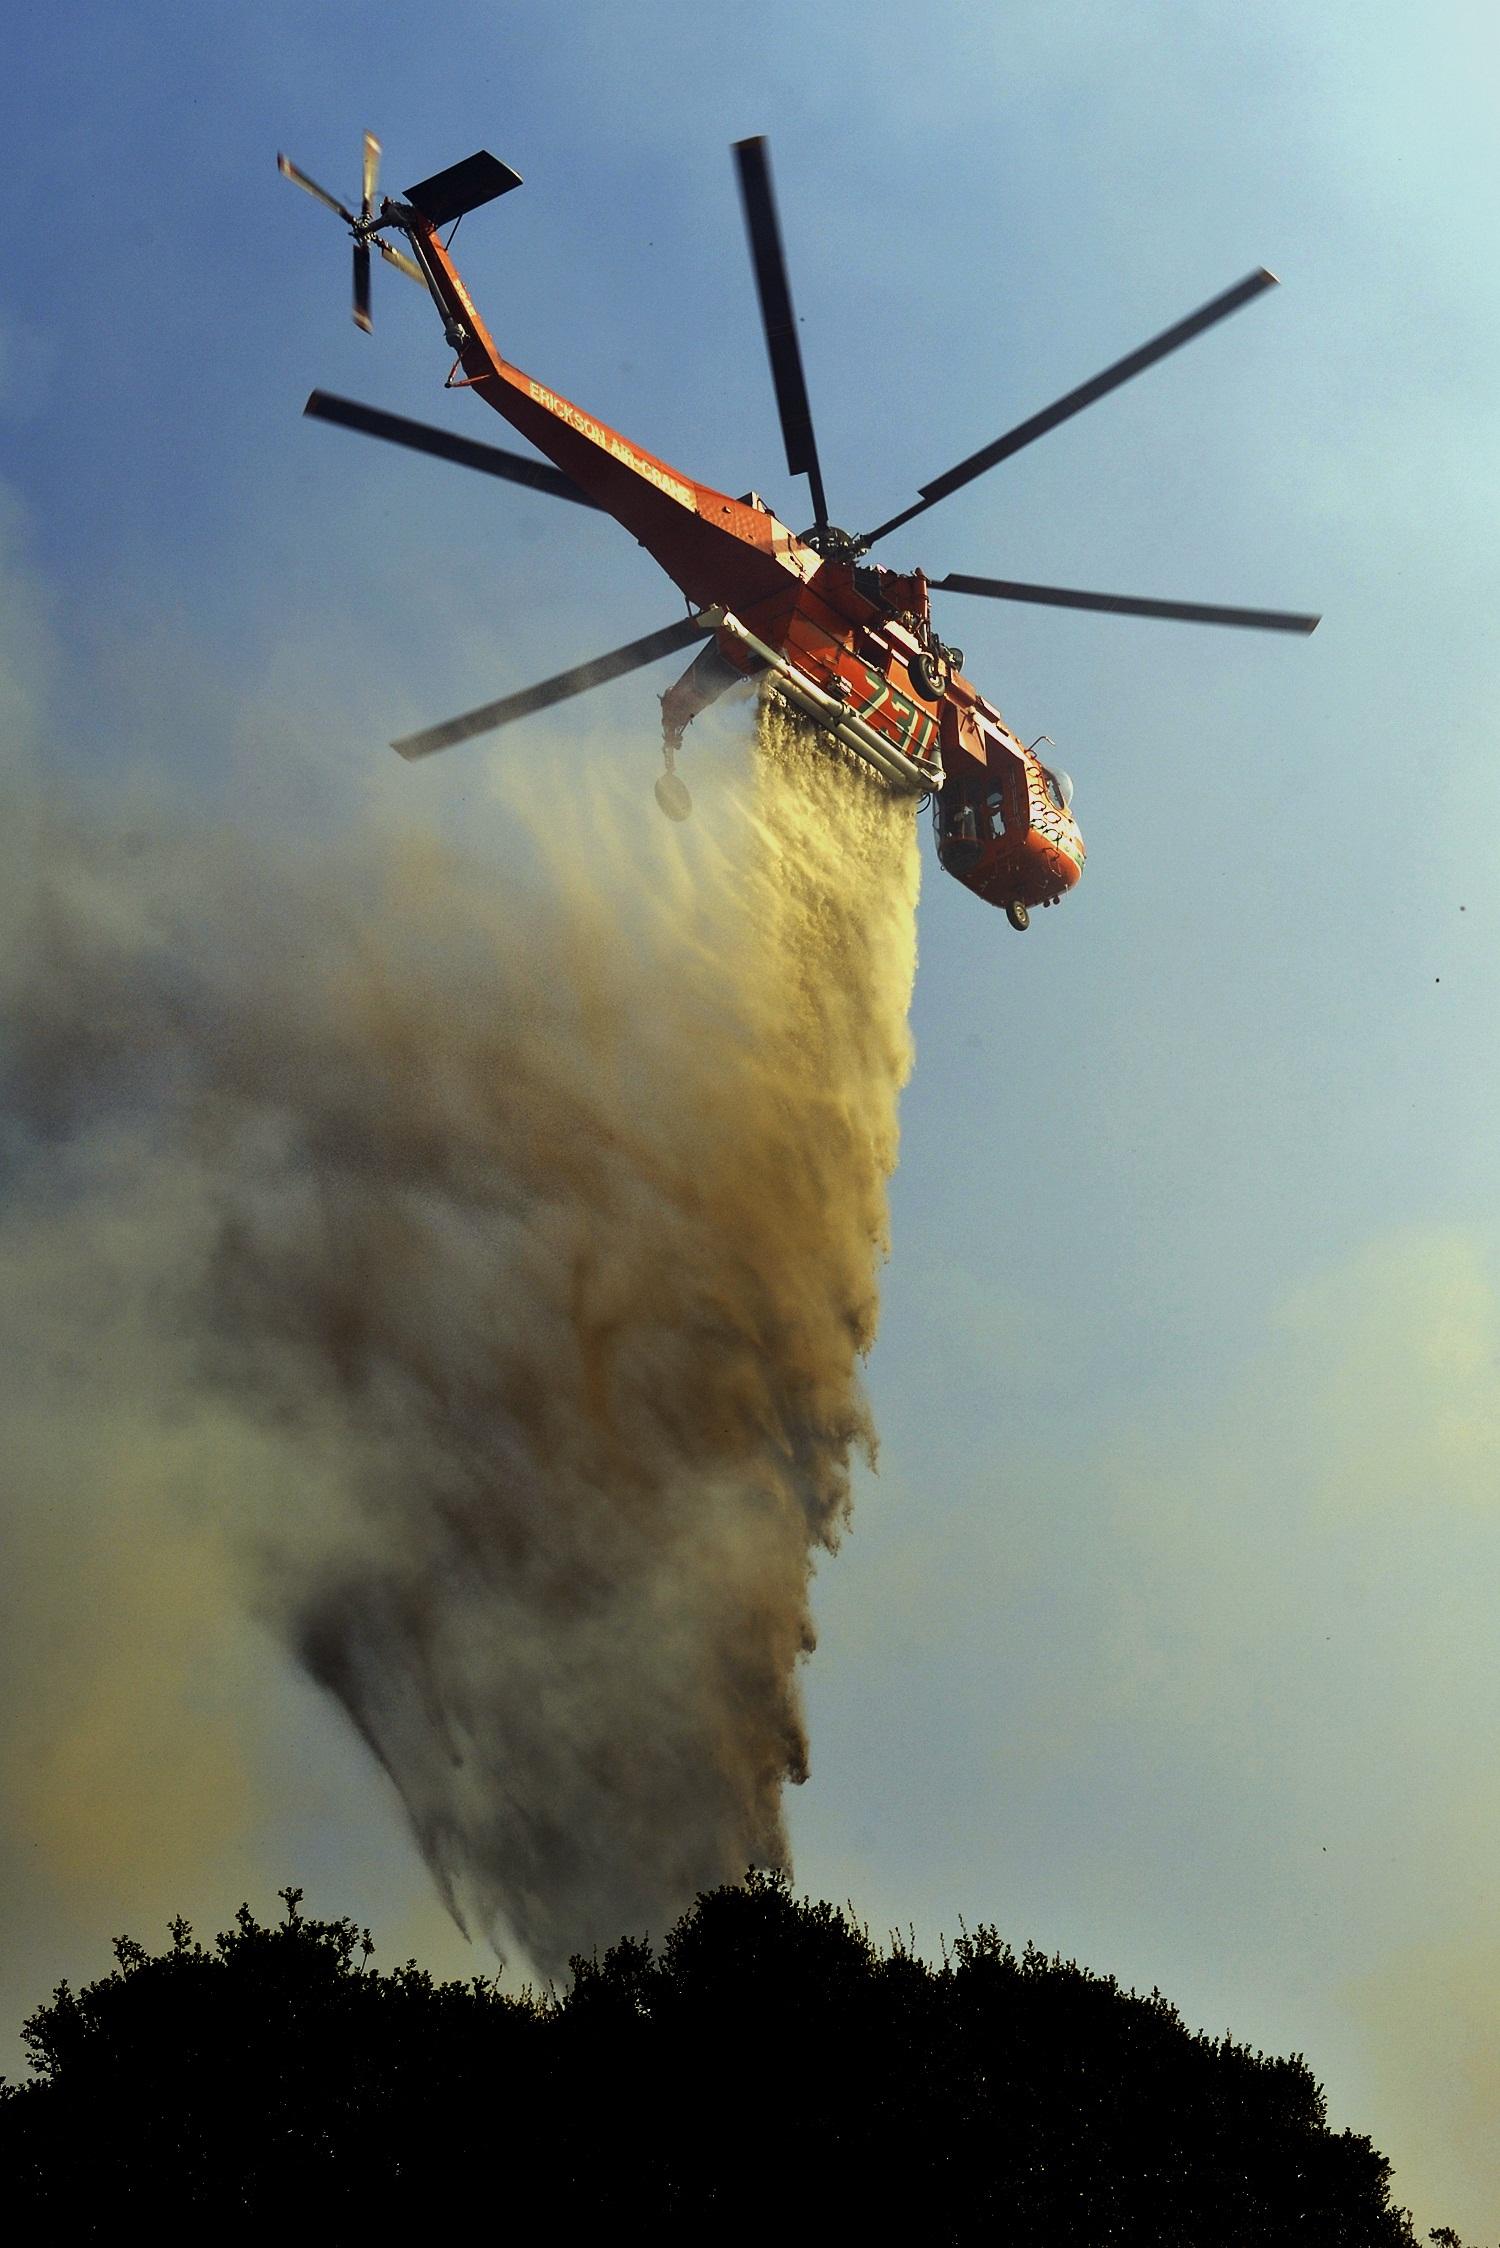 Ελικόπτερο πραγματοποιεί ρίψη στο μέτωπο της φωτιάς - ΦΩΤΟ EUROKINISSI